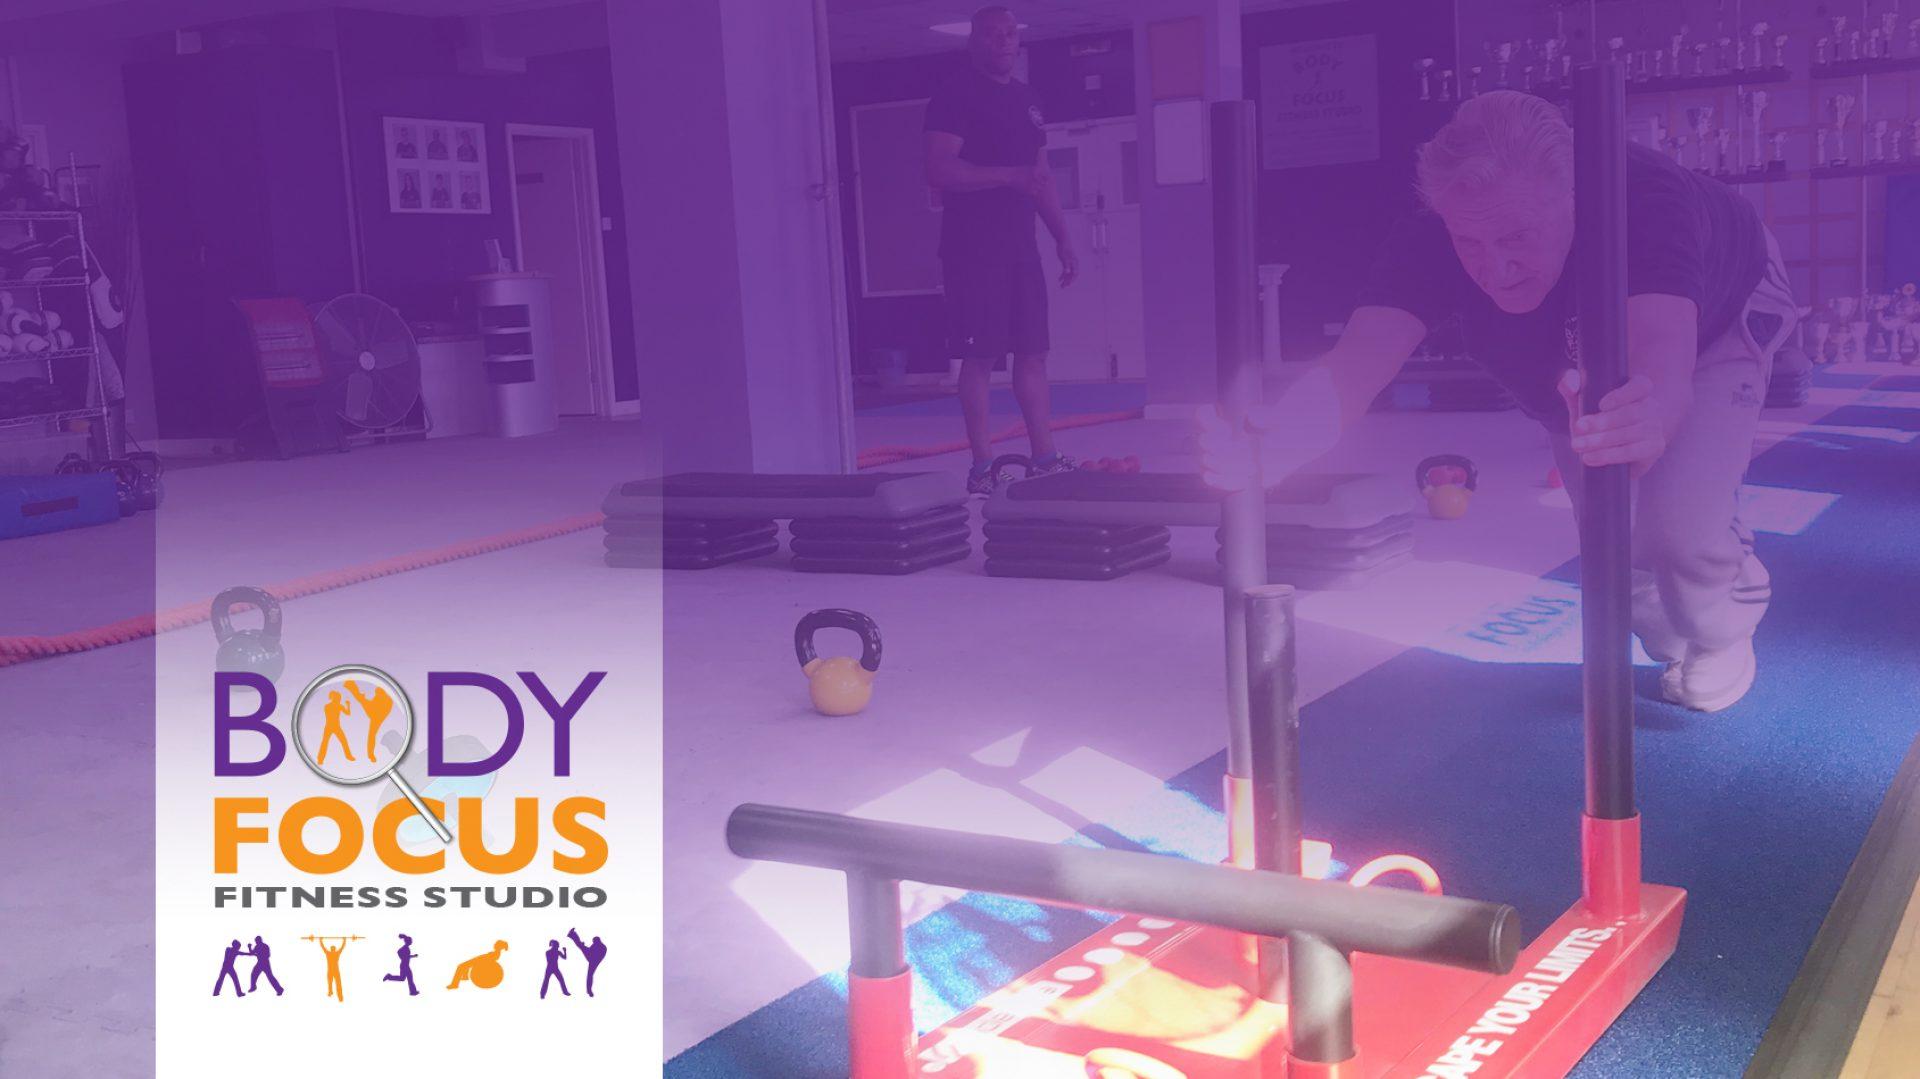 Body Focus Fitness Studio